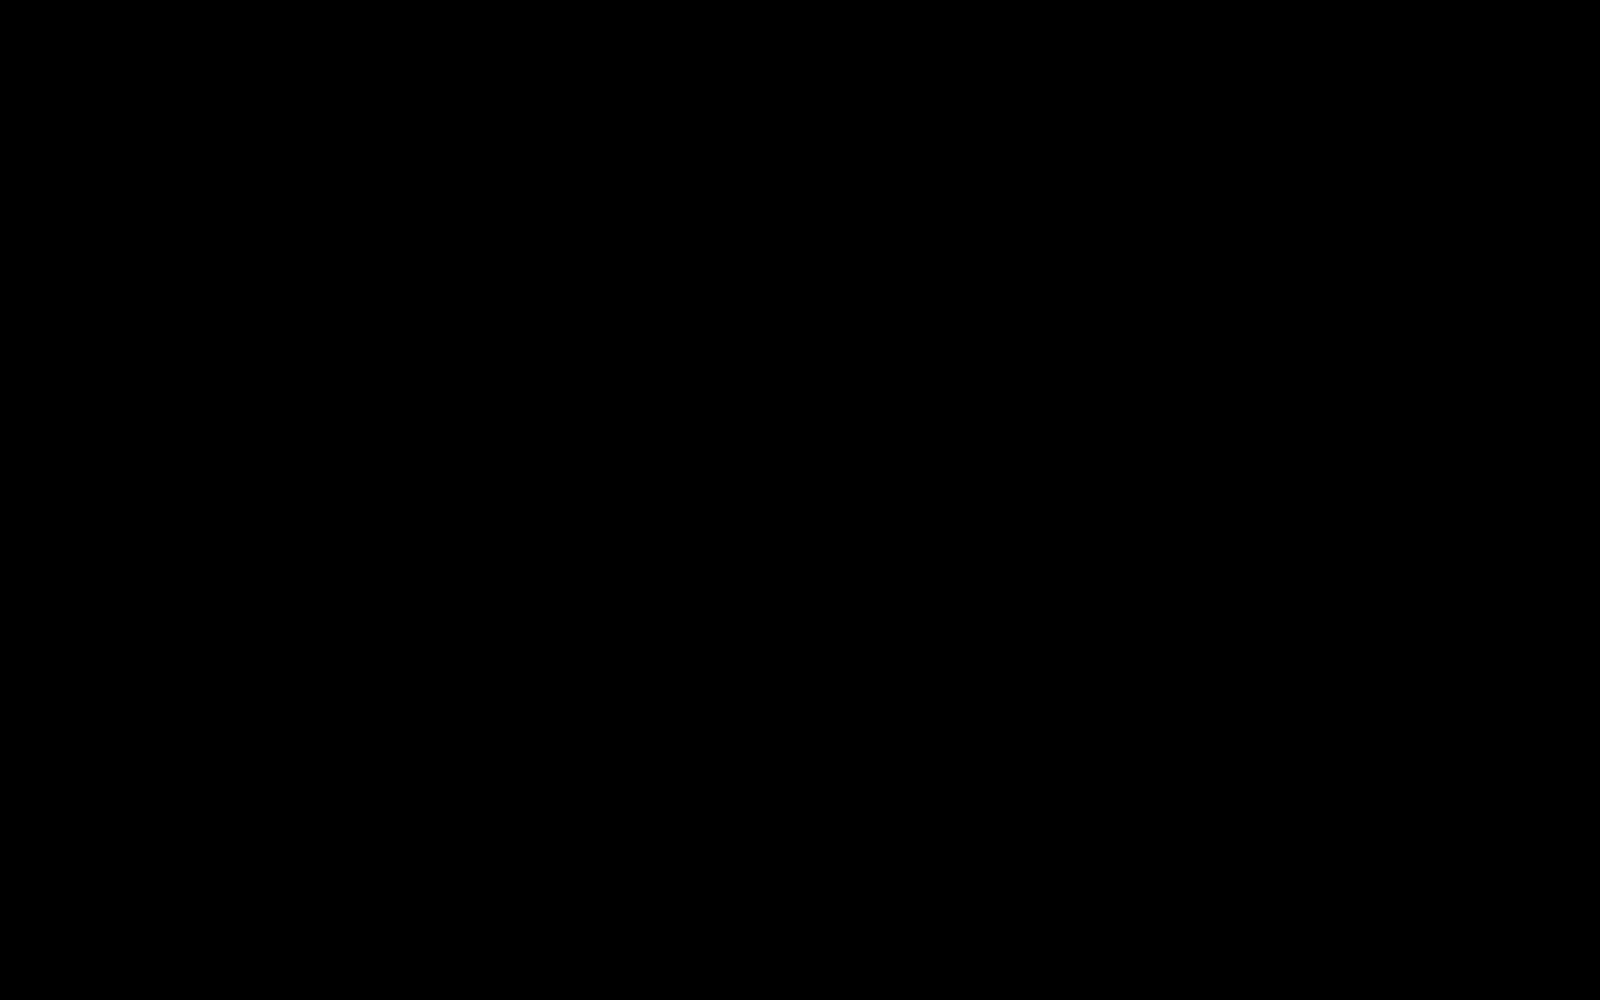 قناة البط الأسود